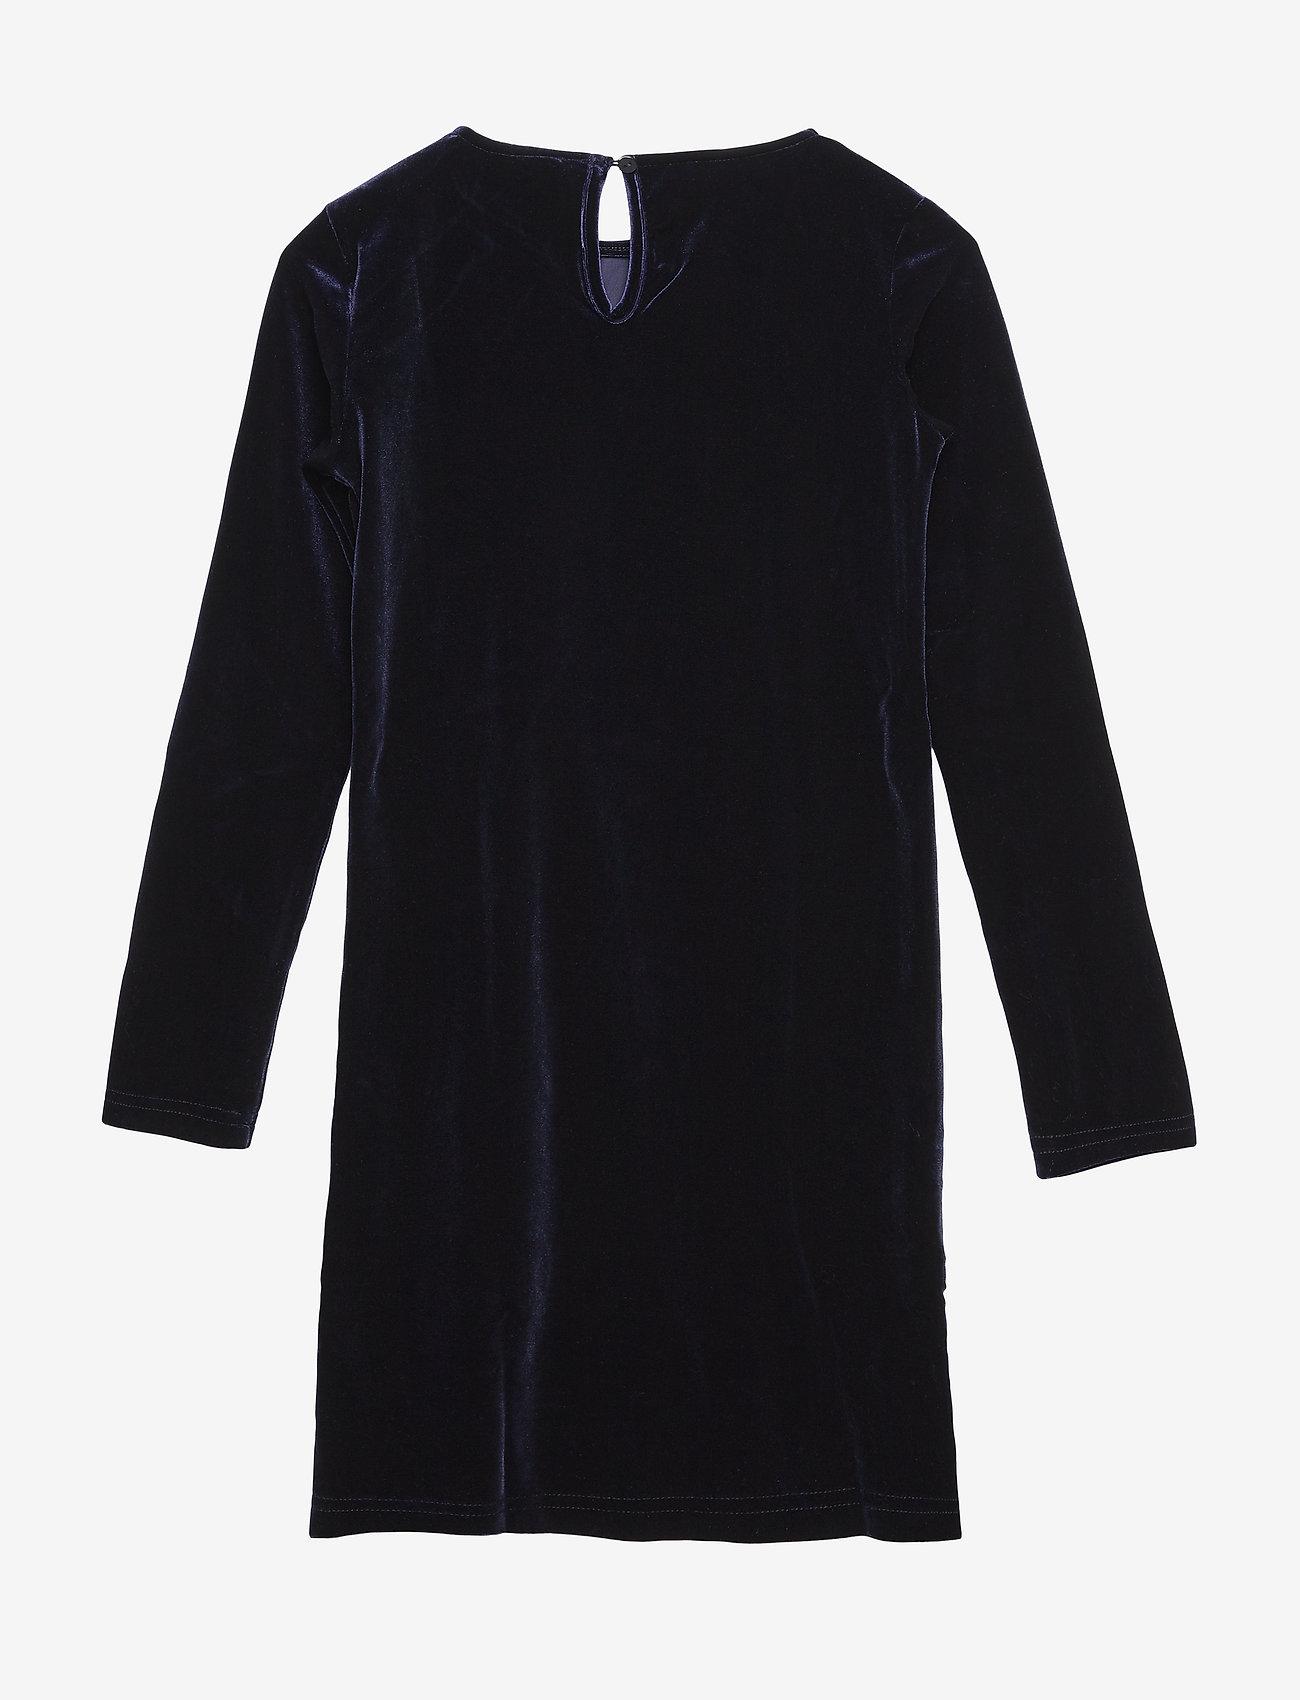 The New - JILLA L_S DRESS - robes - black iris - 1